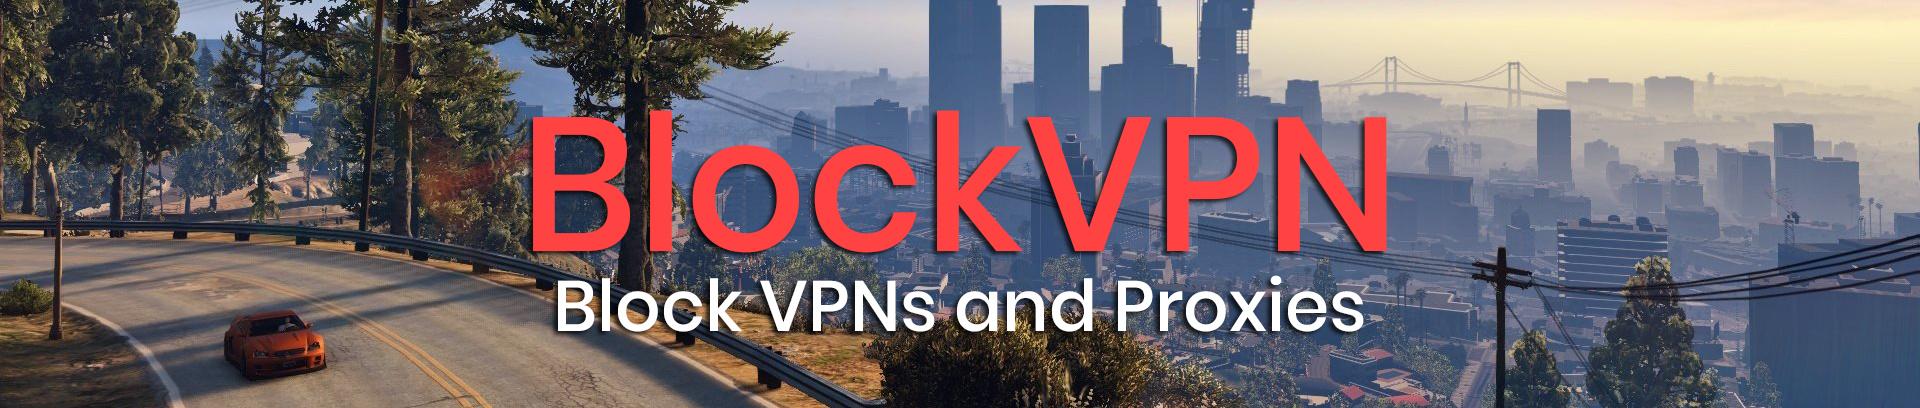 Release] BlockVPN [v1 0 4] [FIXED] - Releases - FiveM